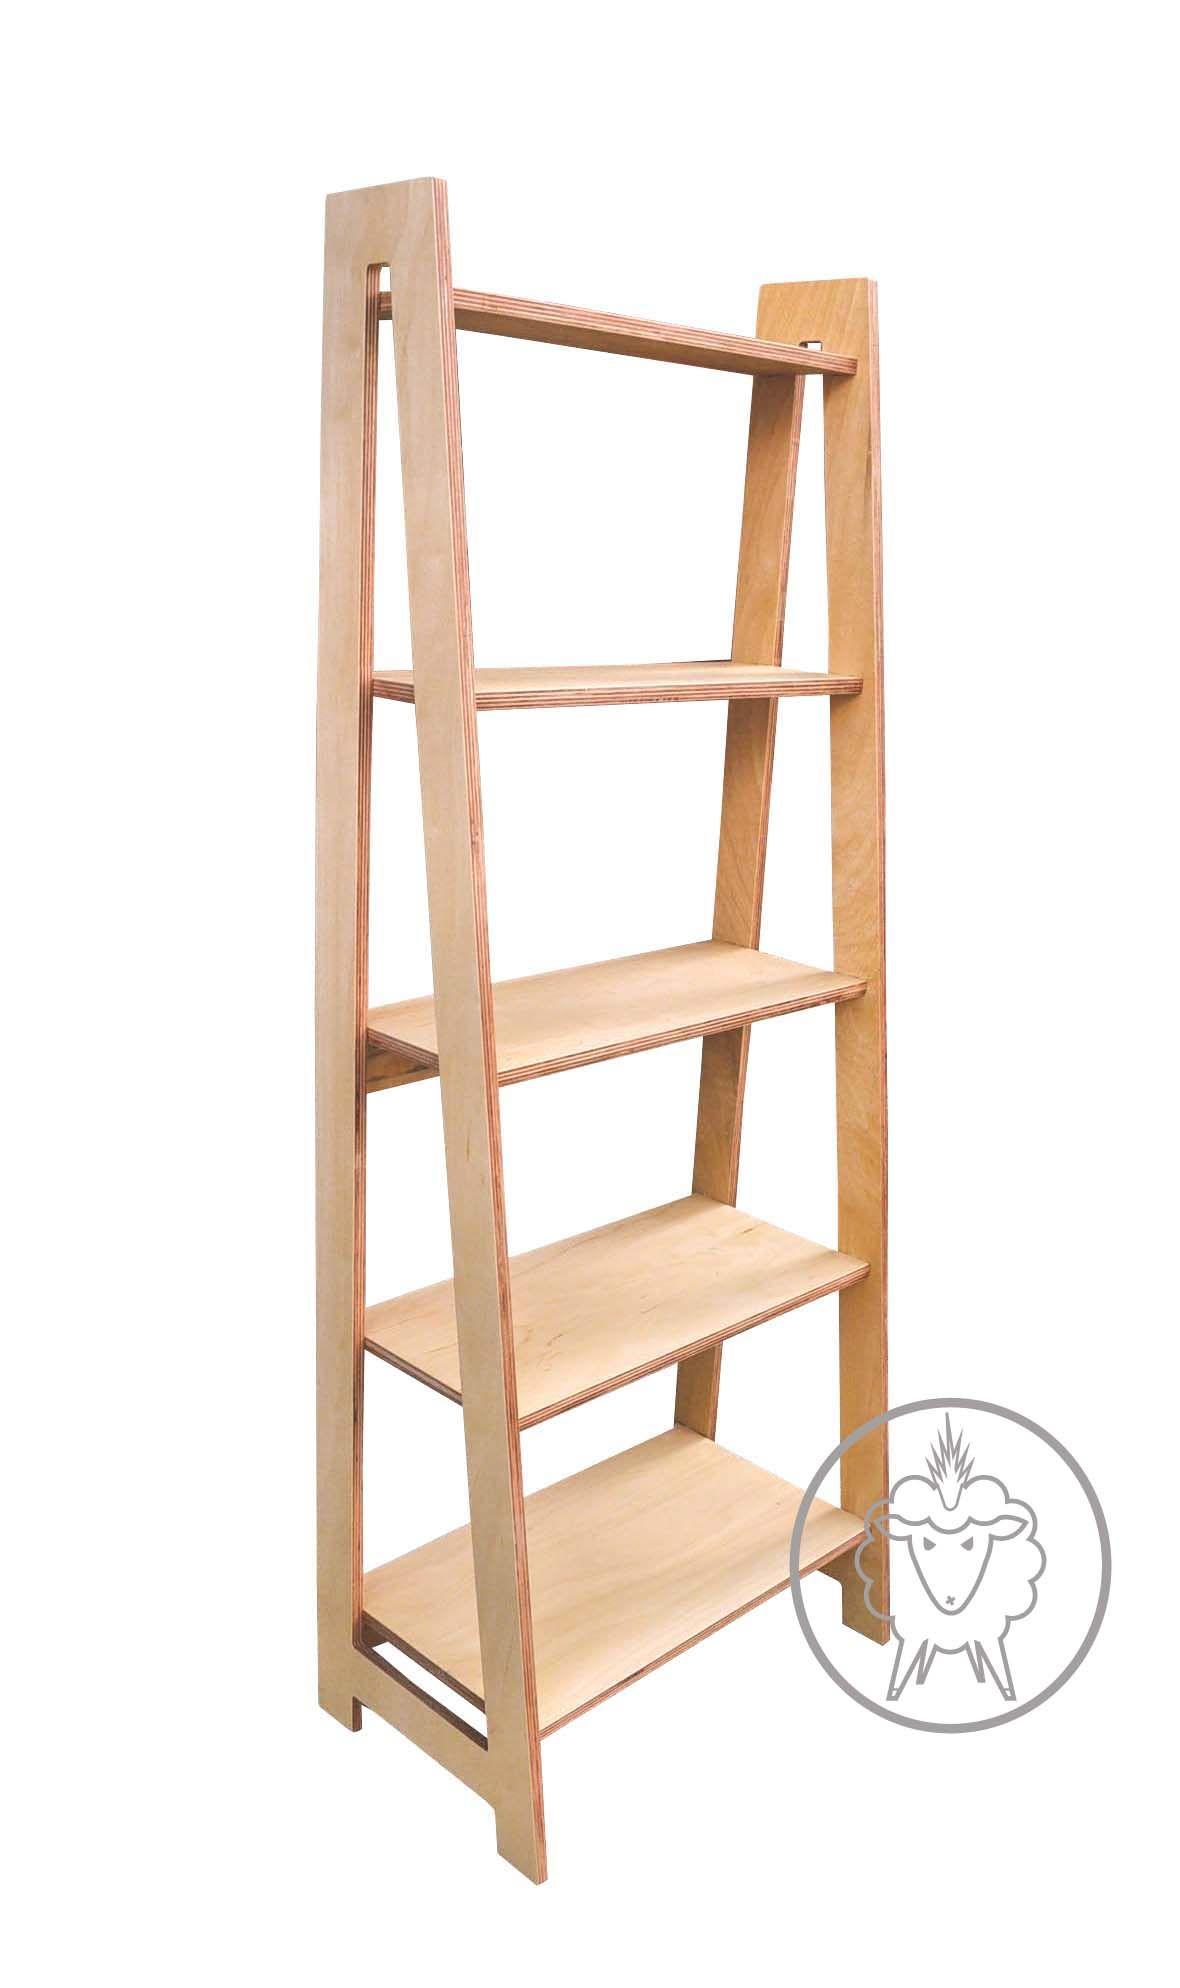 Nueva Biblioteca Billie Material Plywood De Guatambu Altura 170cm Ancho Ideas De Muebles De Dormitorio Decoracion De Habitaciones Modernas Para Decorar Uñas